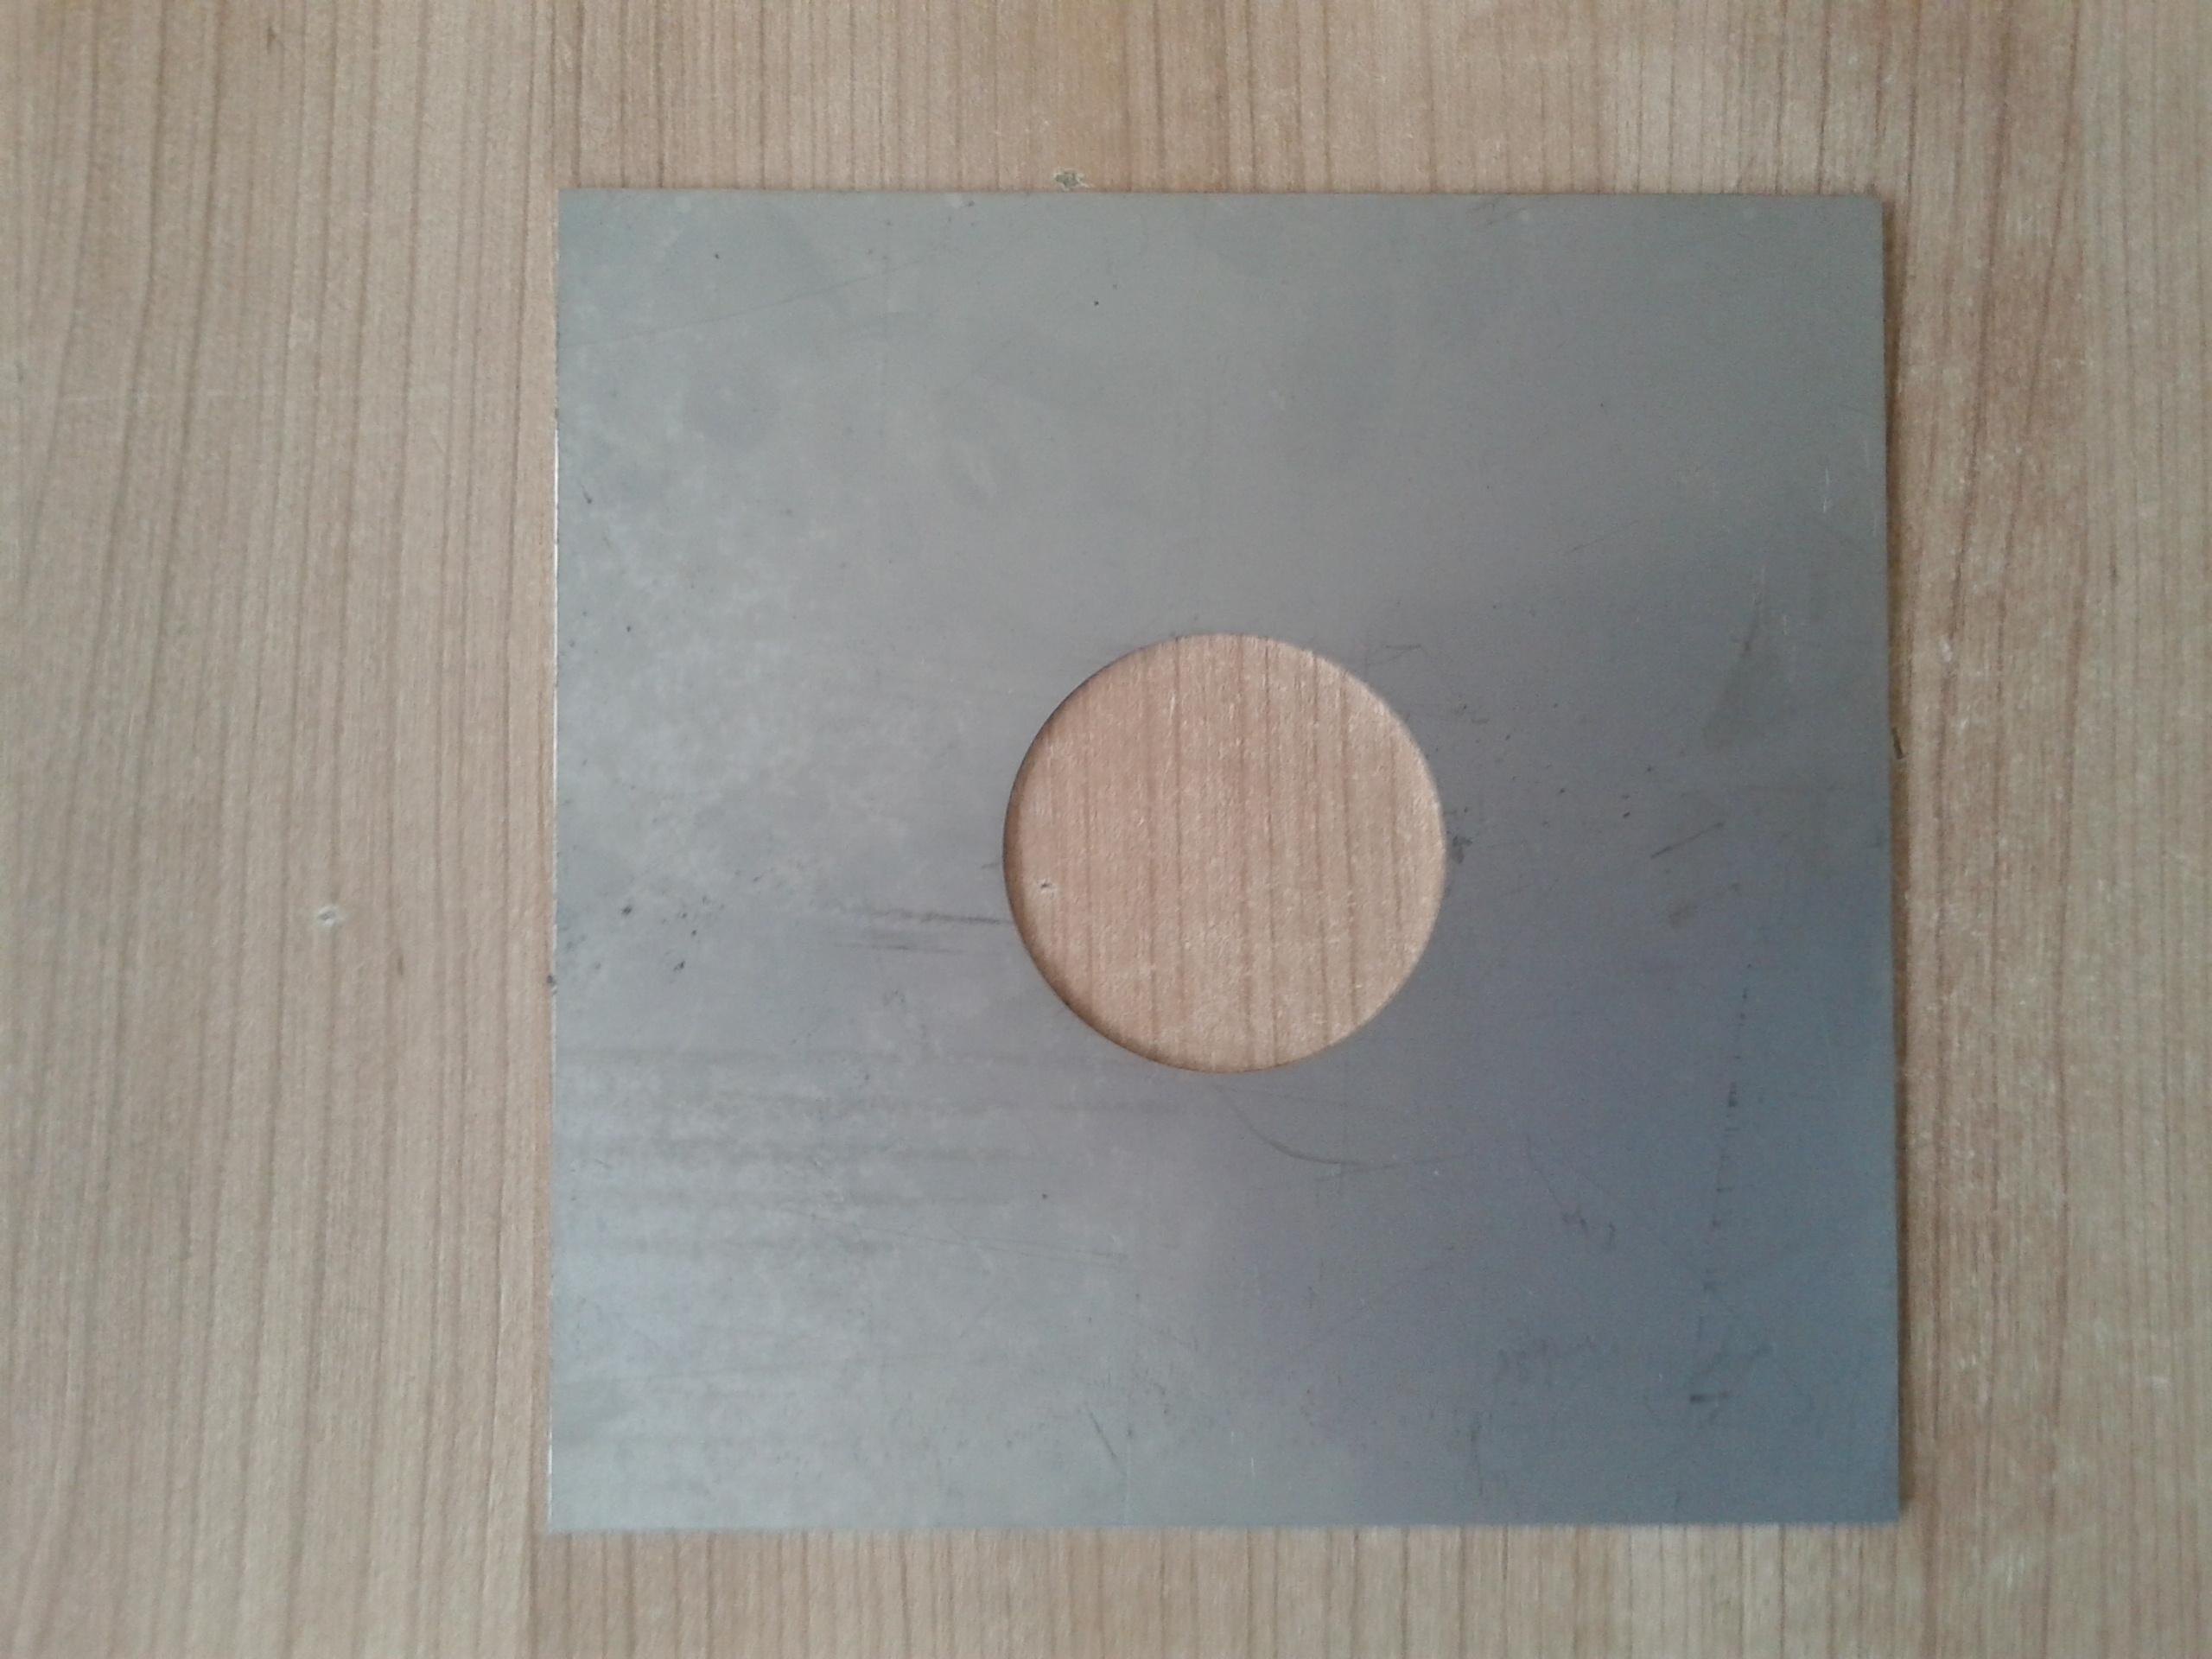 Vymezovací plech stojanu 180x180/60mm